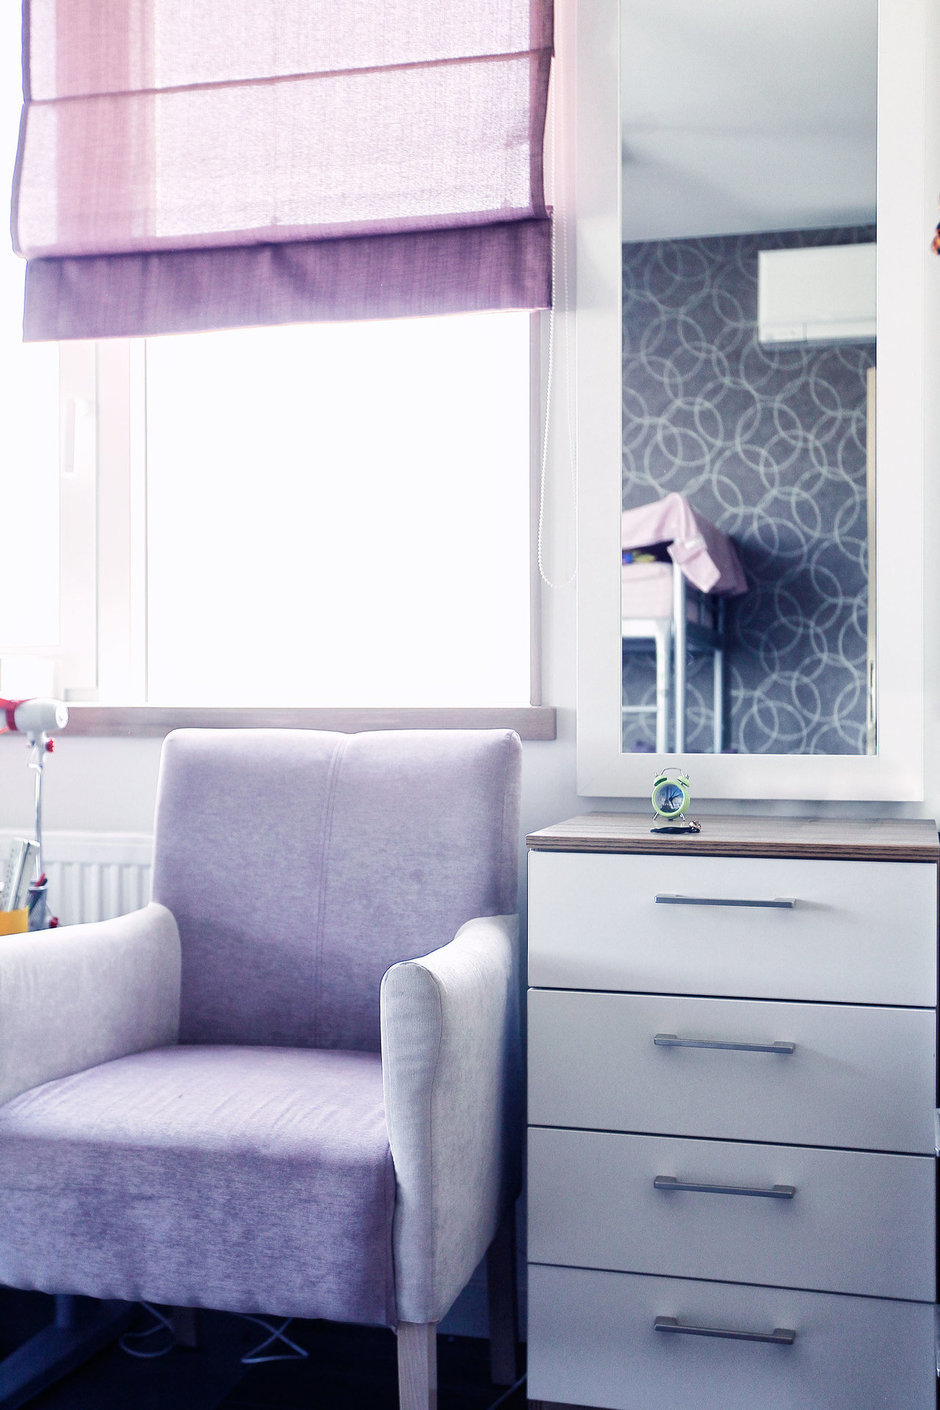 Фотография: Мебель и свет в стиле Прованс и Кантри, Квартира, Текстиль, Декор, Дома и квартиры, IKEA, Проект недели, Москва – фото на InMyRoom.ru